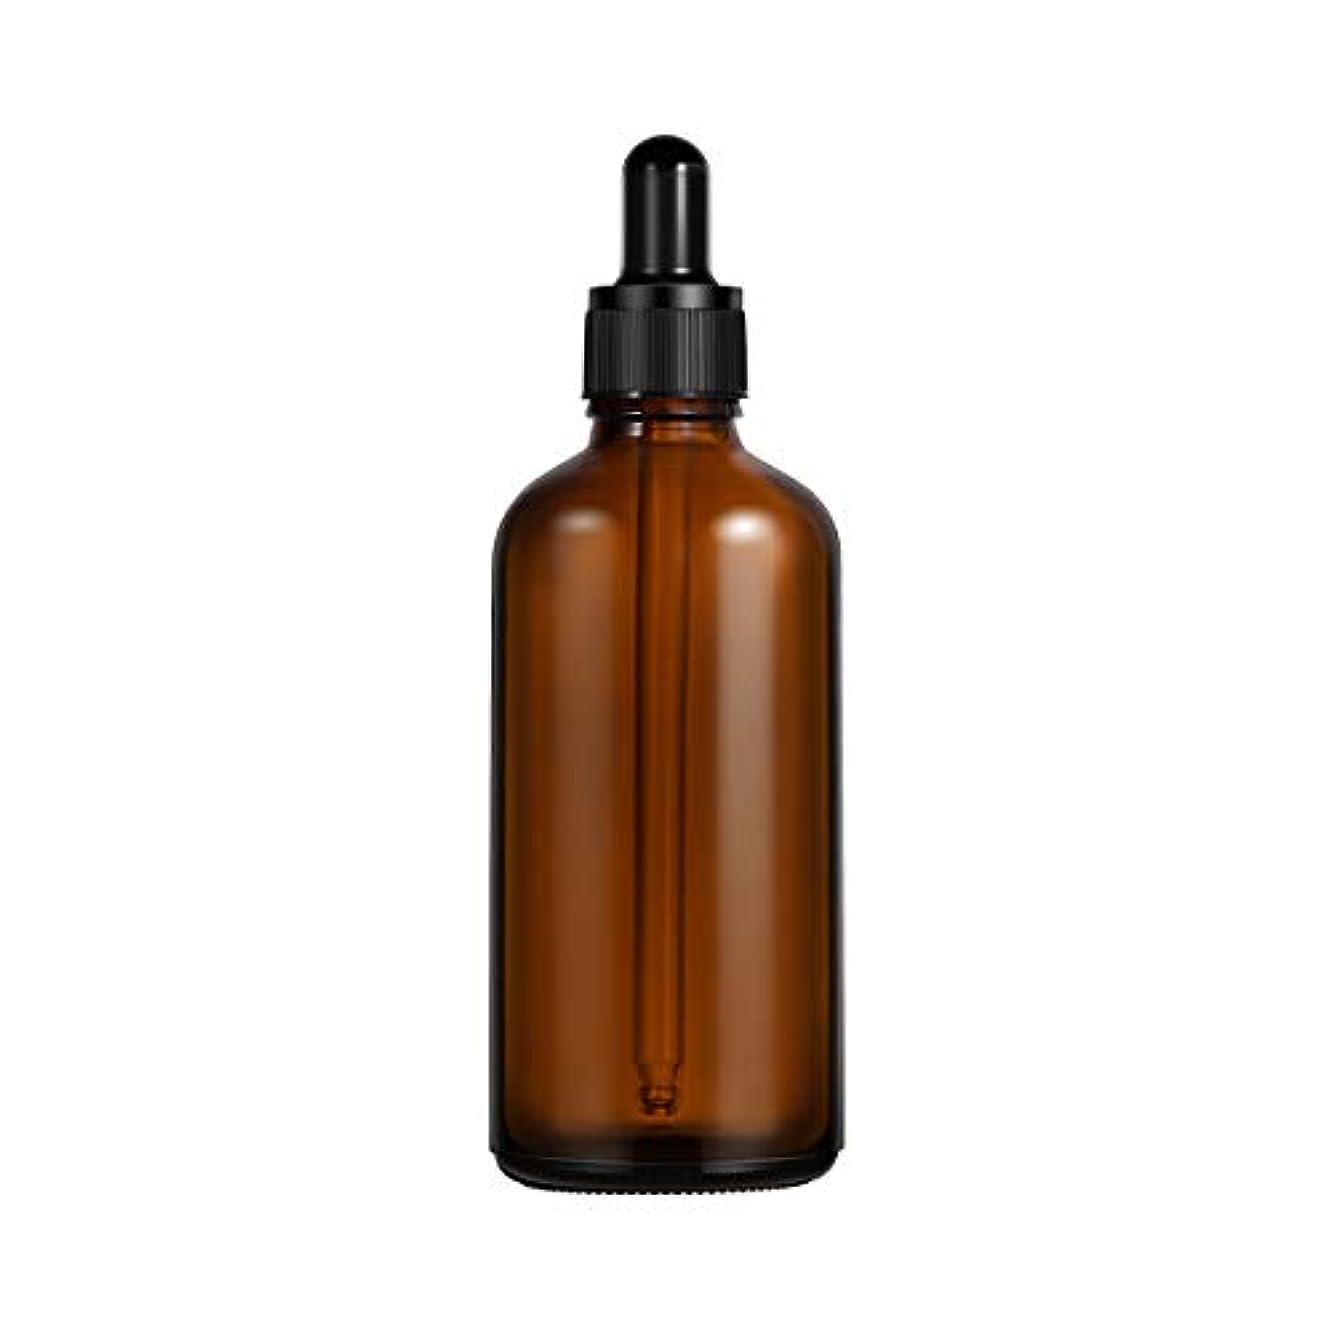 驚魅力的変なFrcolor 遮光瓶 スポイト遮光瓶 100ml スポイト付き ガラス製 アロマボトル 保存容器 エッセンシャルオイル 香水 保存/詰替え 2本入(茶色)